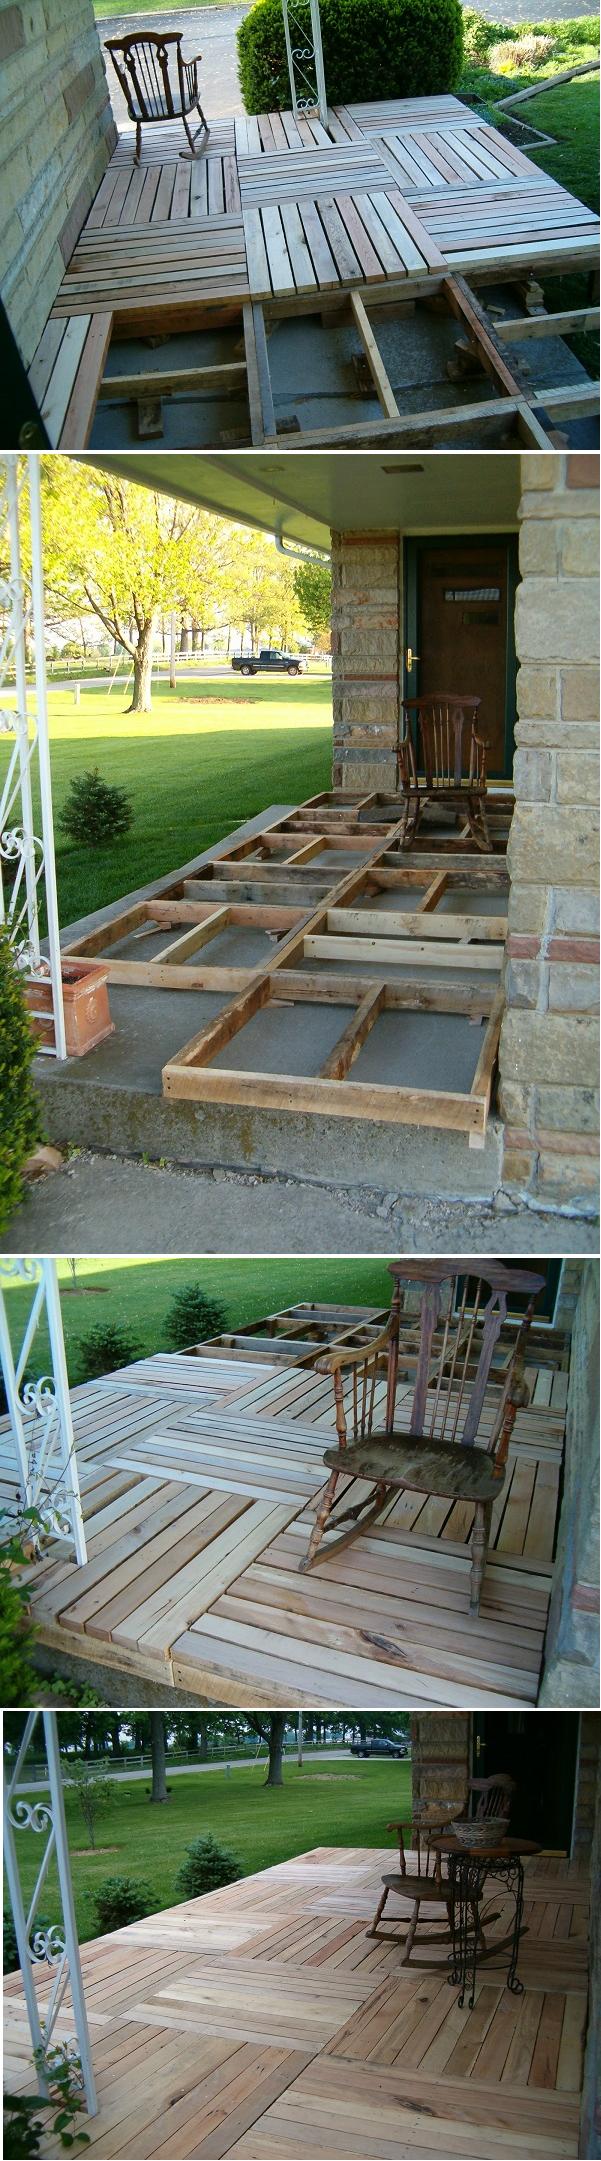 Pedana Di Legno Per Giardino diy pallet wood front porch | idee per il giardino di casa